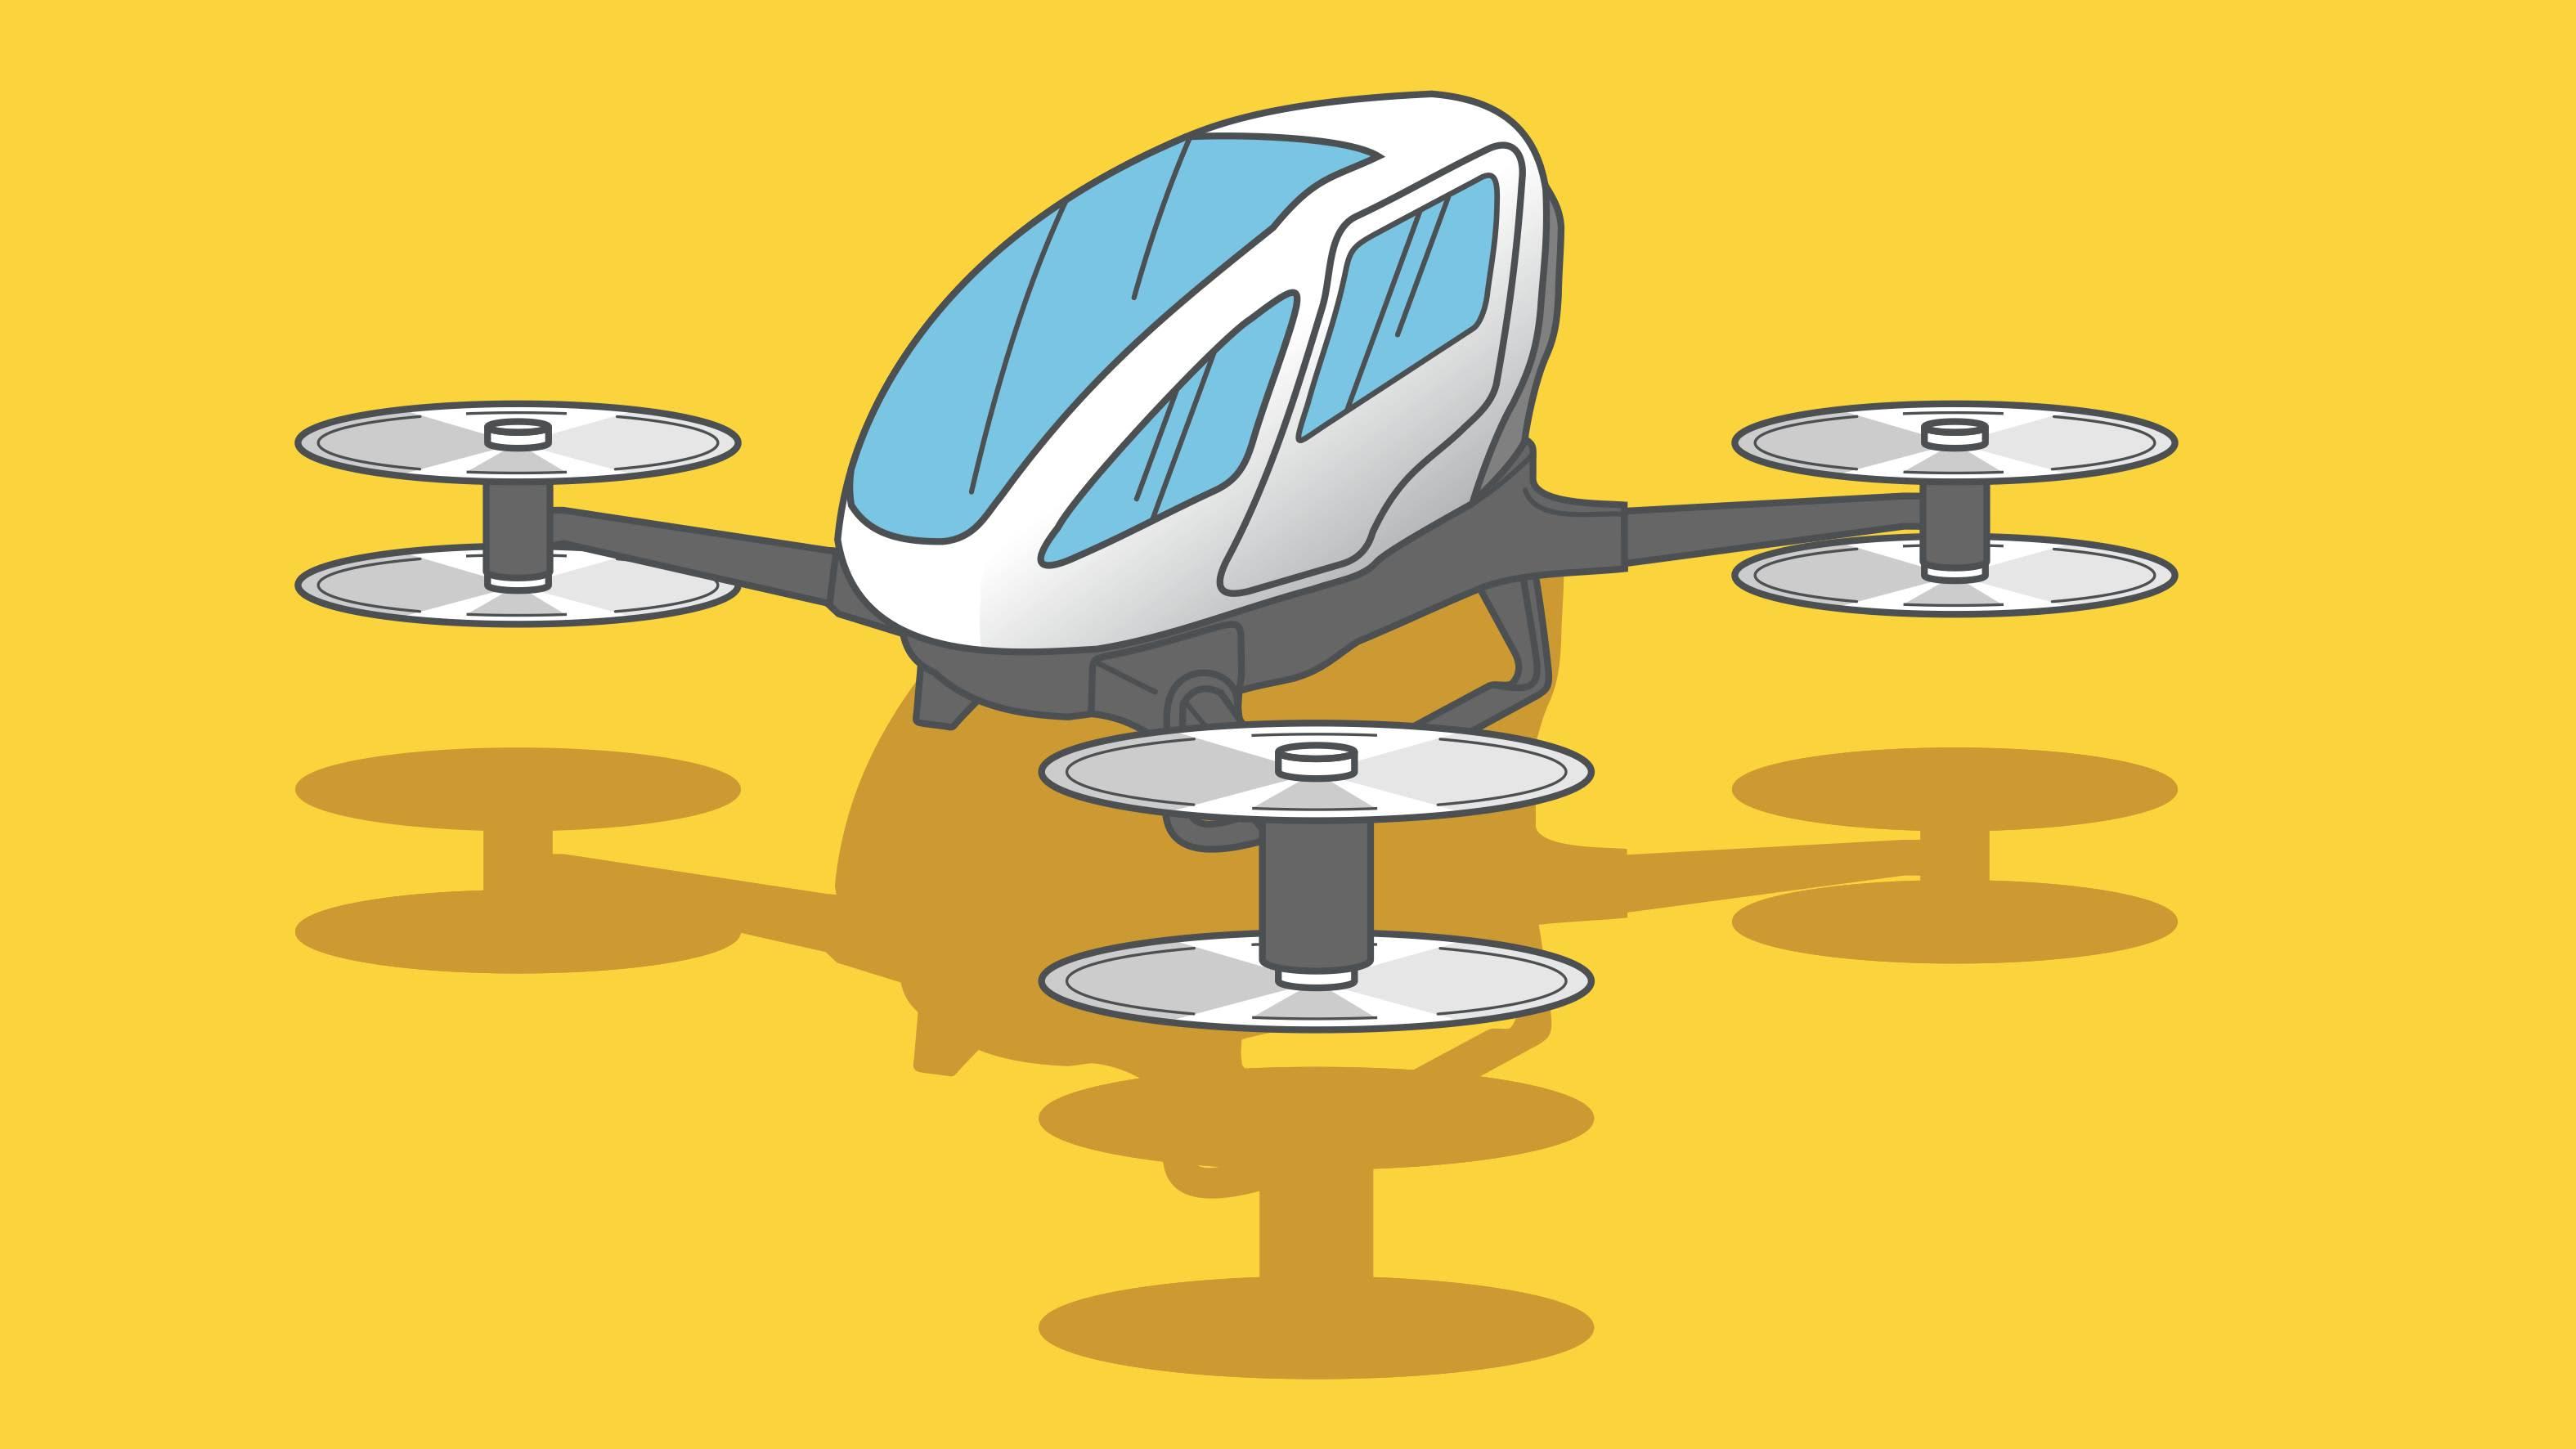 Kuvitus tulevaisuuden lentokoneesta.